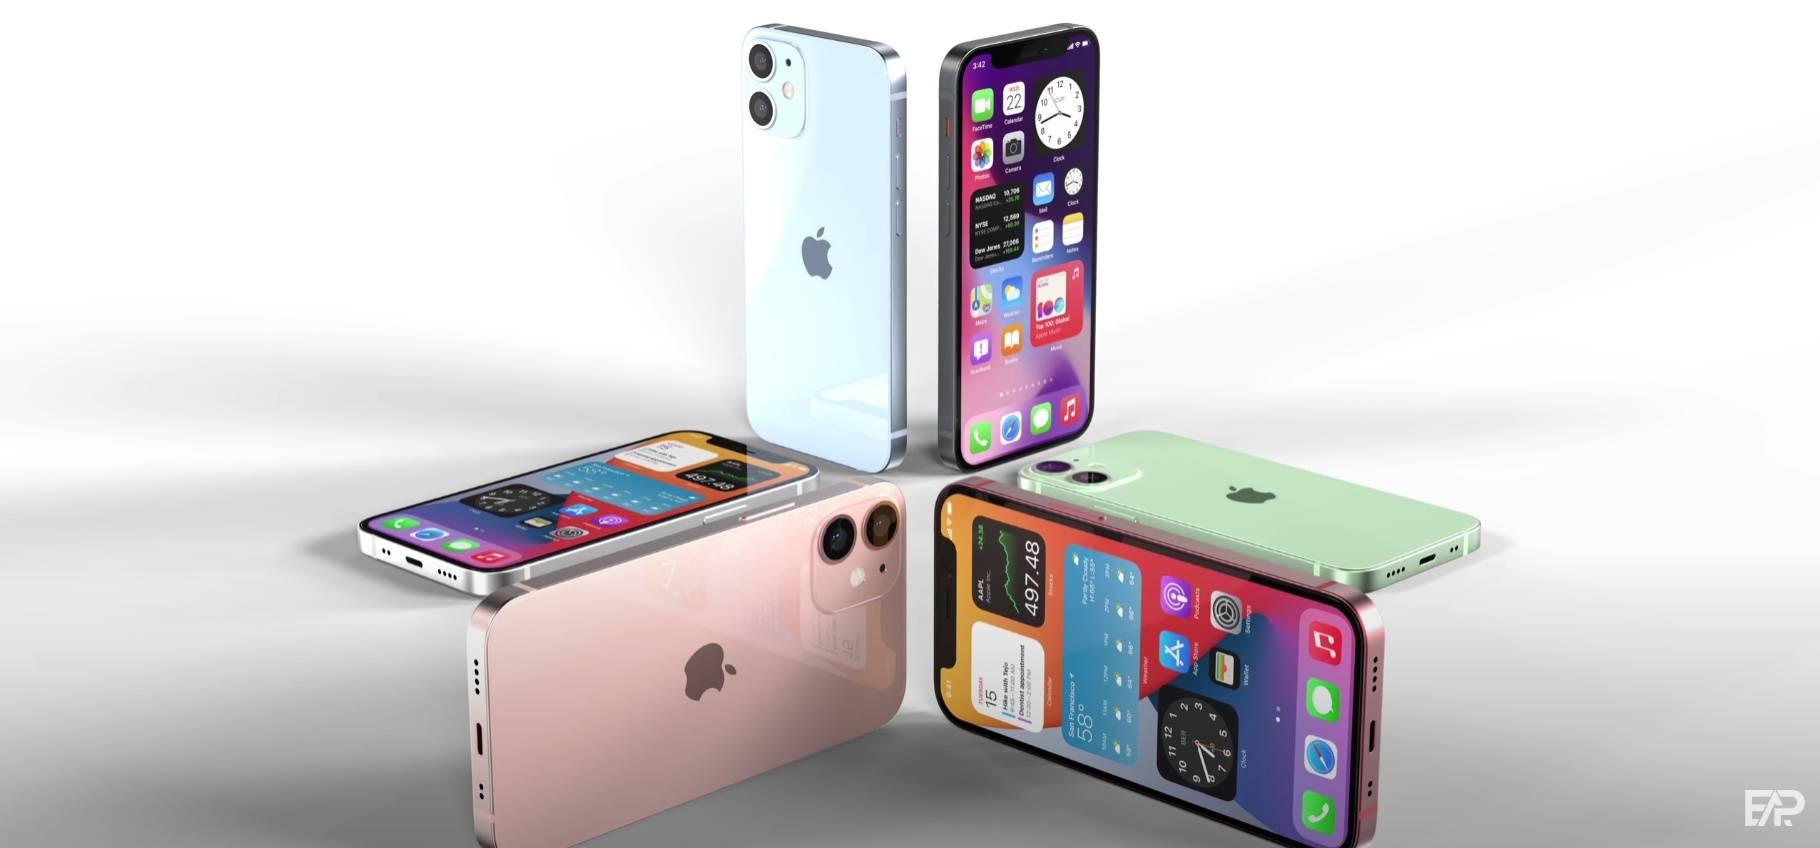 原创            iPhone 12还没上市 但它的问题已经来了